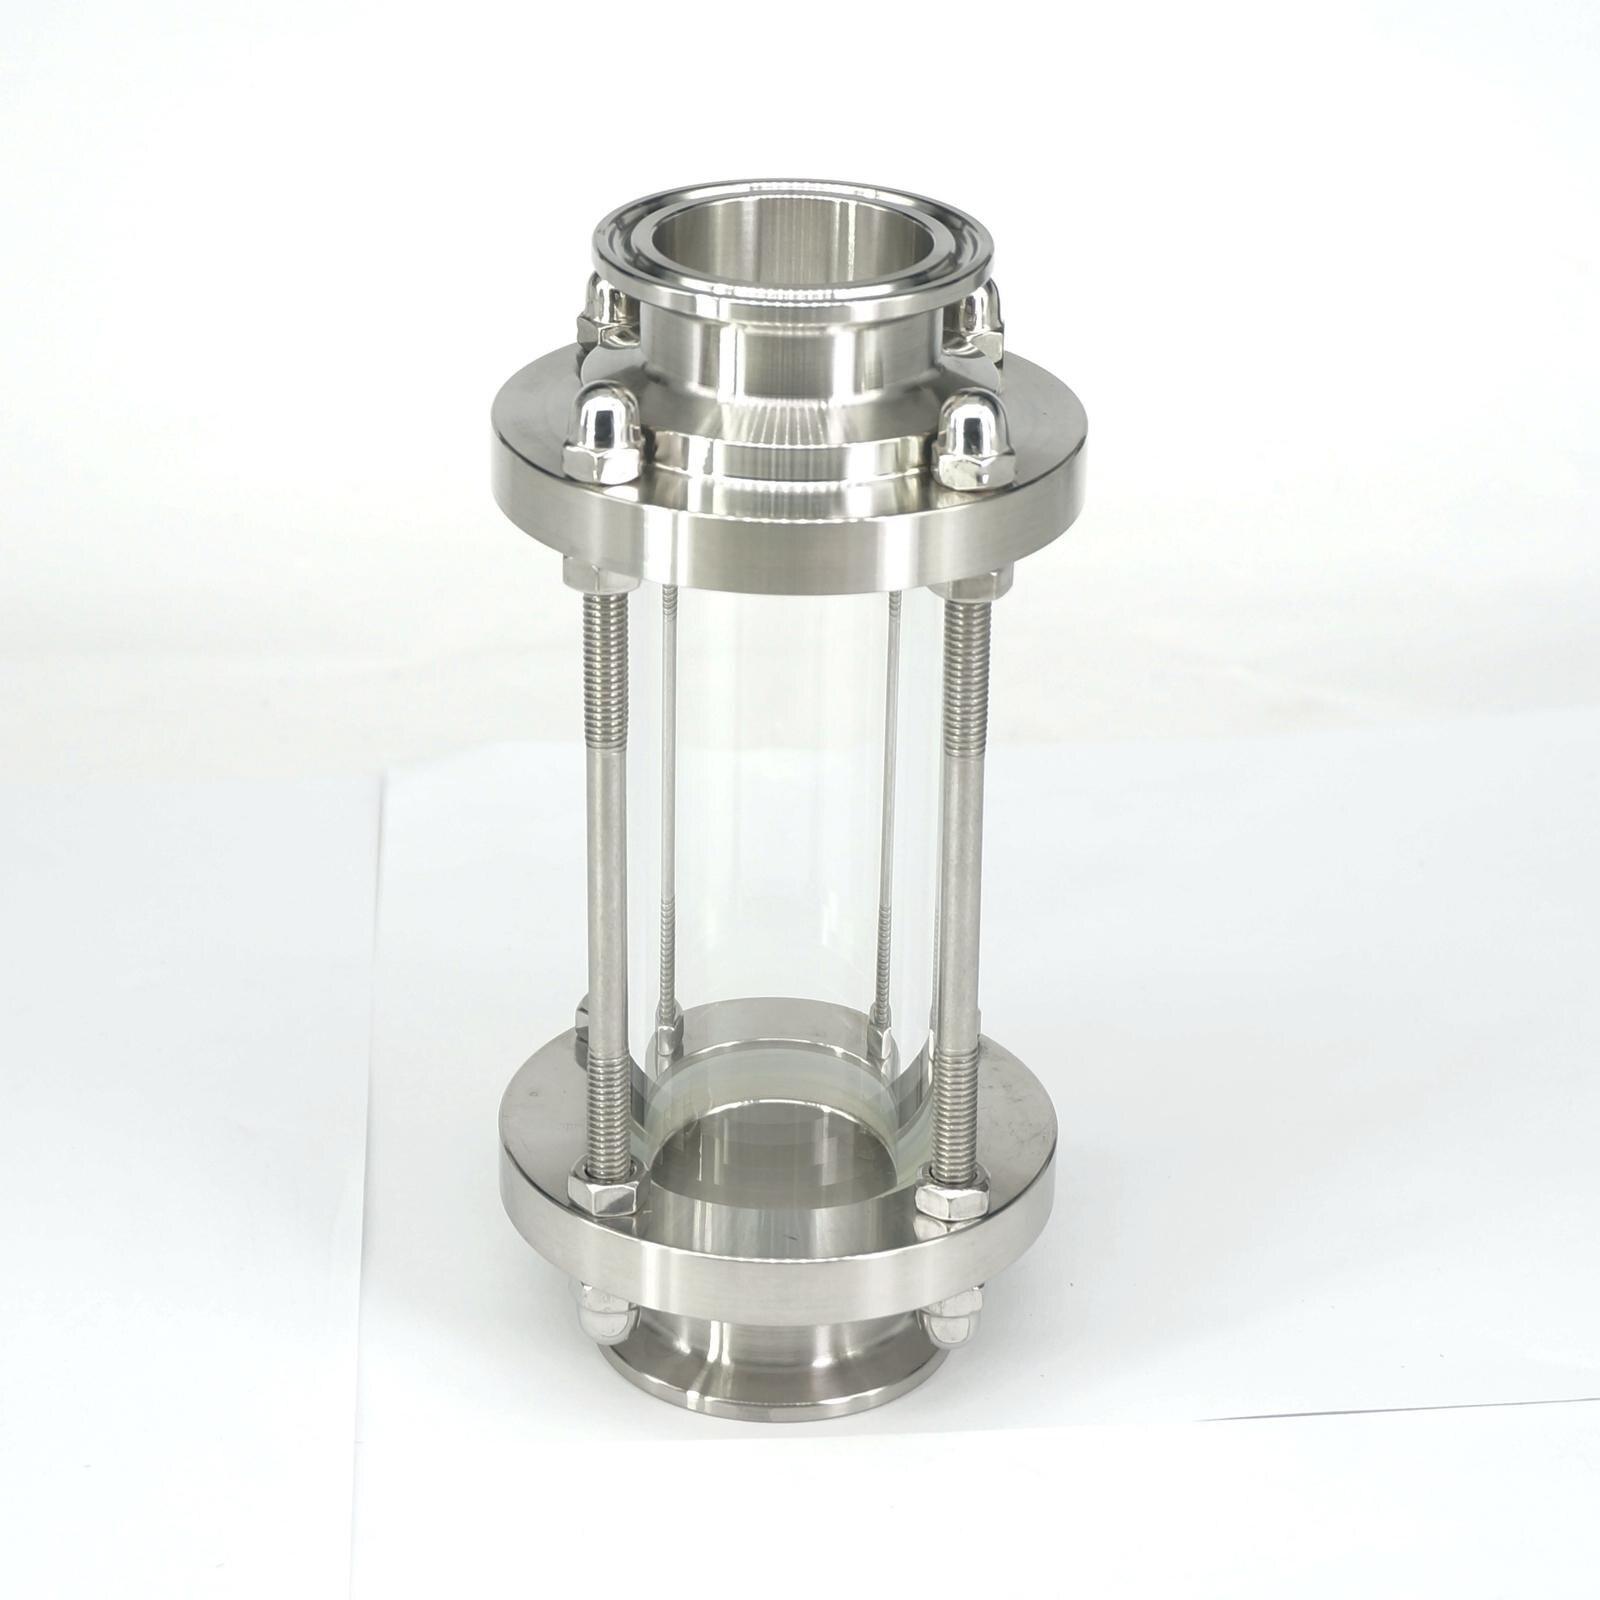 38mm 1-1/2 tuyau OD 304 Sanitaire En Acier Inoxydable Montage 1.5 Tri Clamp Trèfle Flux De Vue Verre De Dioptrie Homebrew Journal Produit